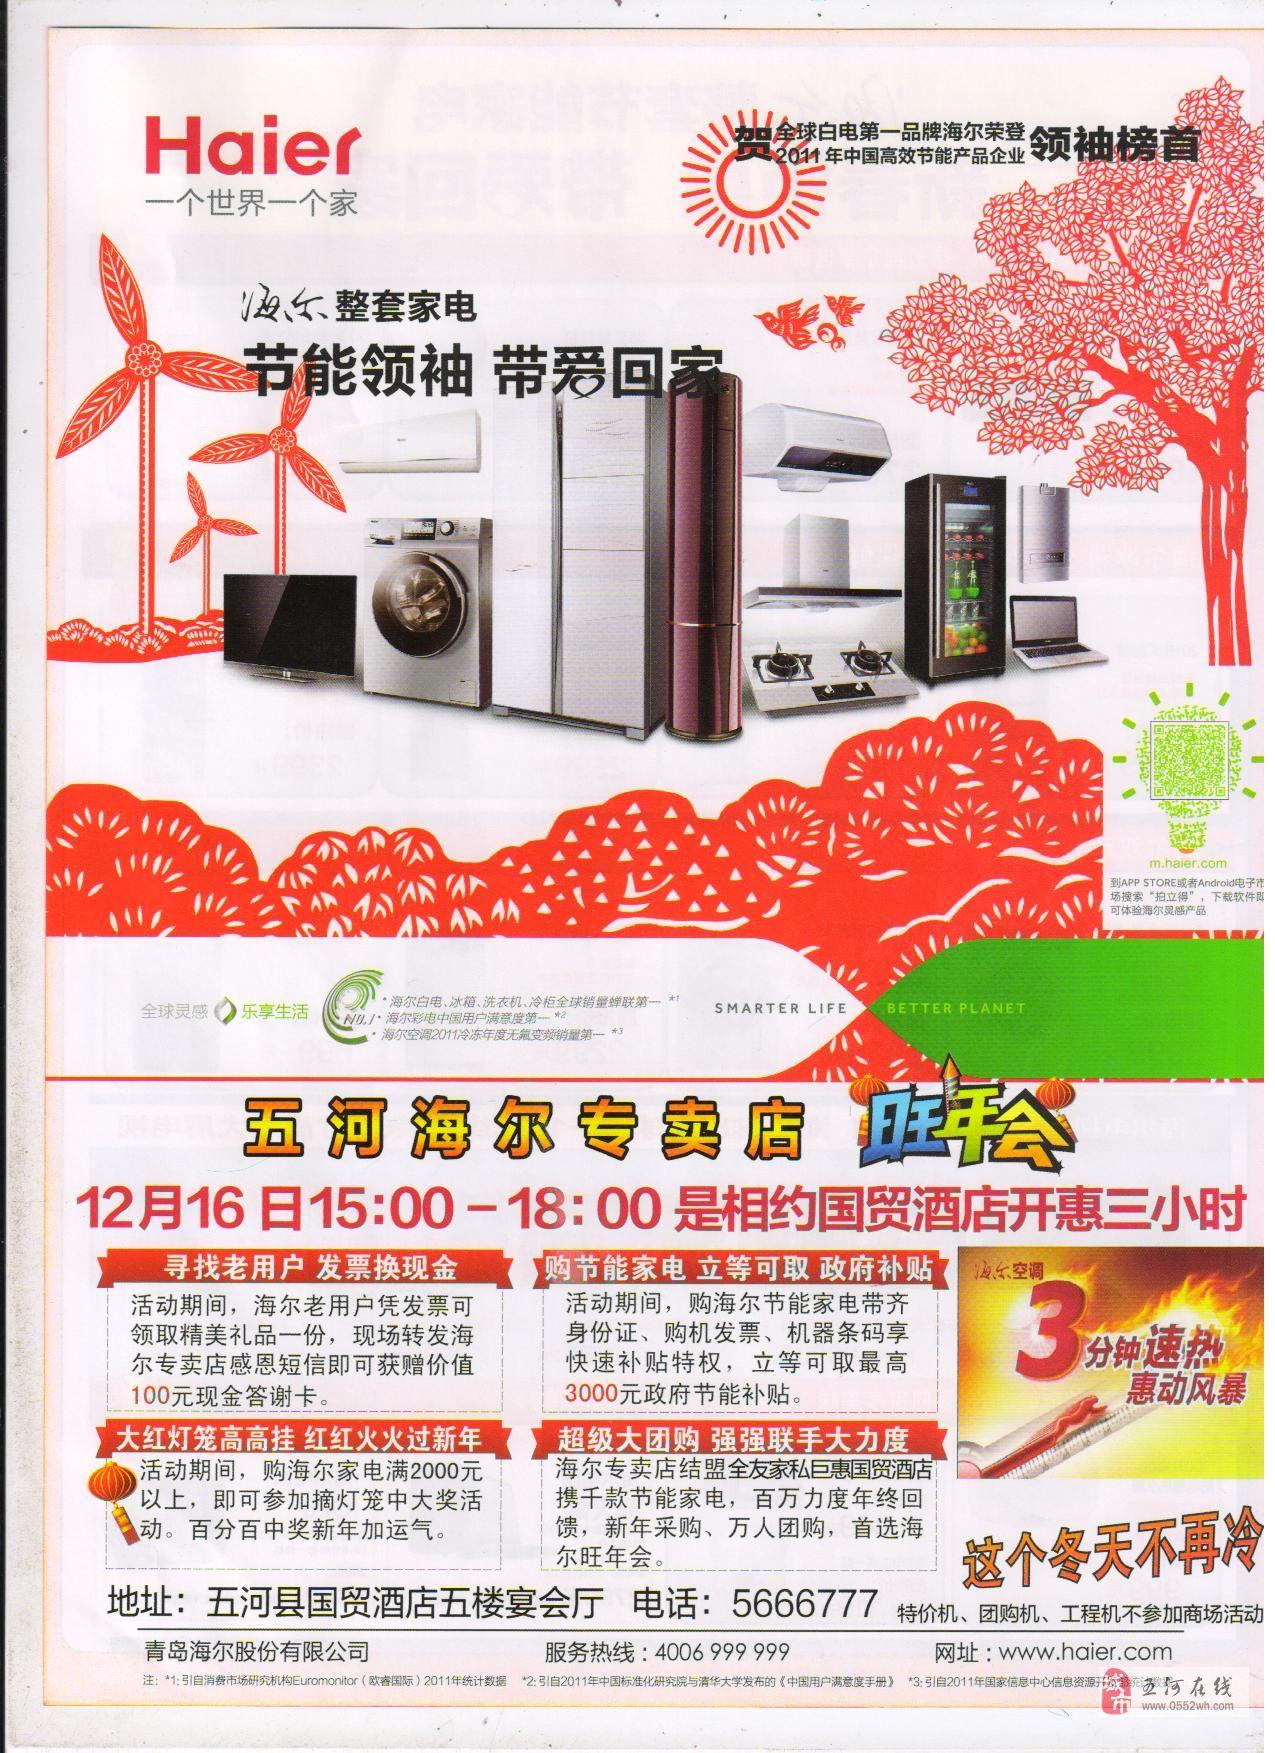 美高梅注册海尔专卖店〈旺年会〉12月16日15:00-18:00 相约国贸酒